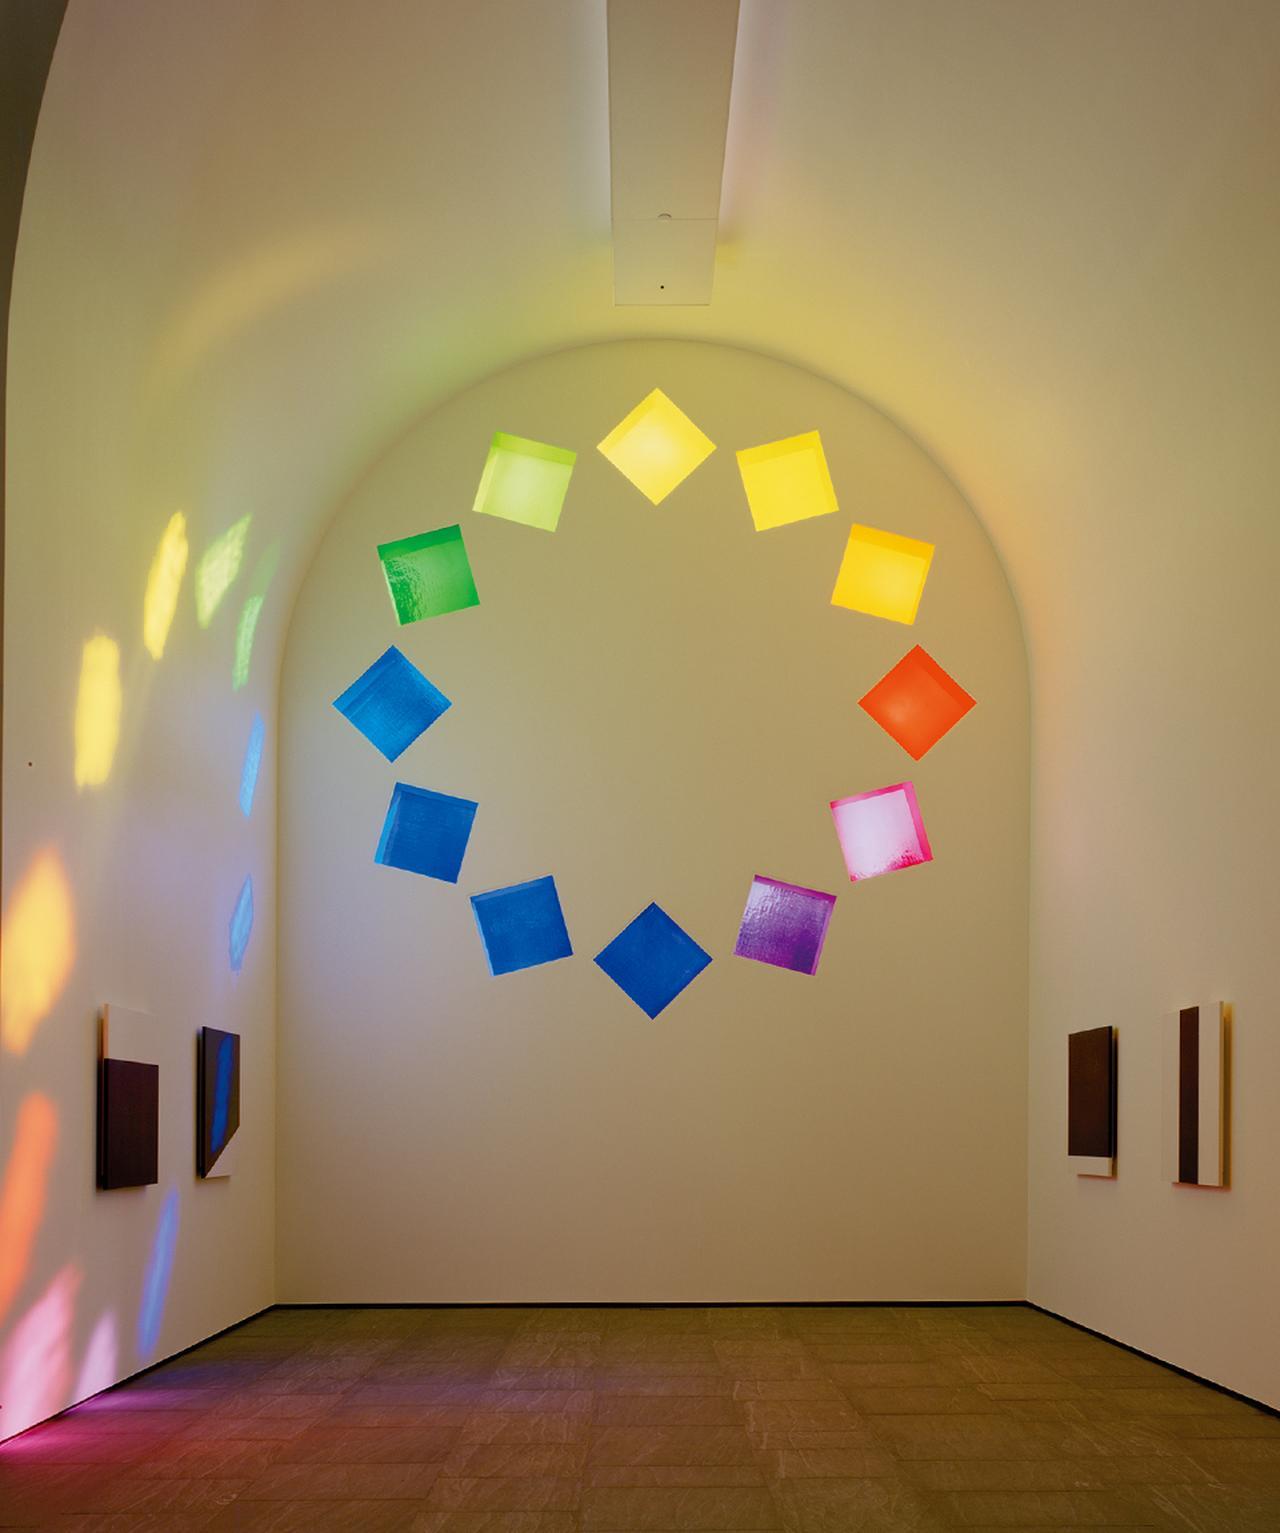 Images : 6番目の画像 - 「形と色を追求したアーティスト エルズワース・ケリーが遺した 「光の寺院」」のアルバム - T JAPAN:The New York Times Style Magazine 公式サイト